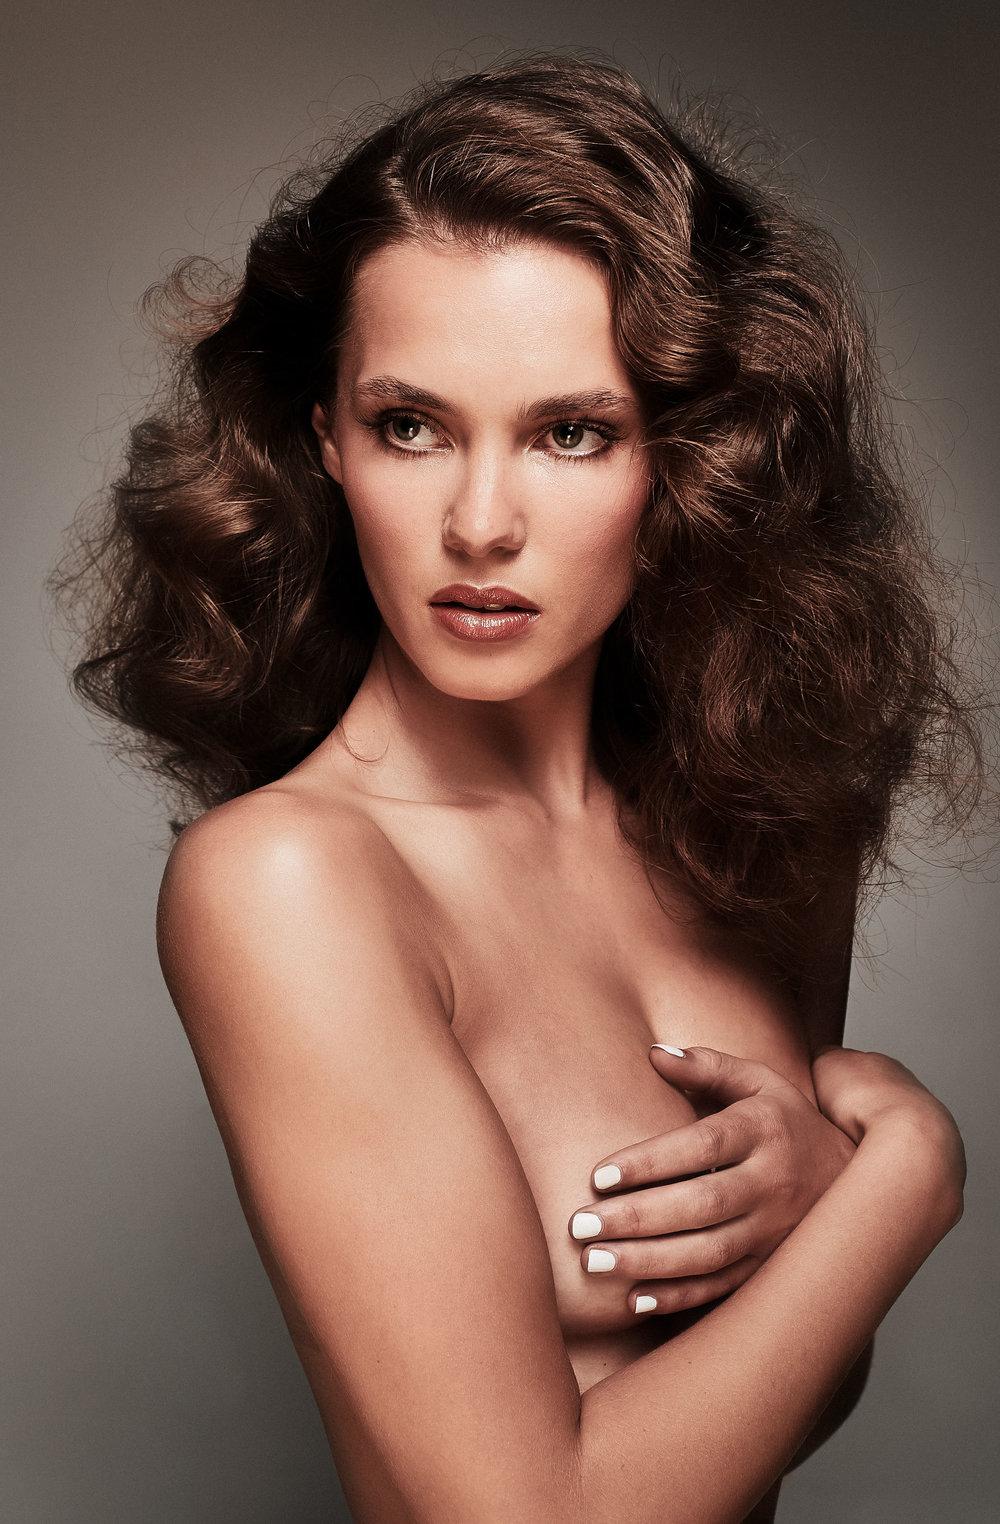 Cassie Lomas Beauty Images